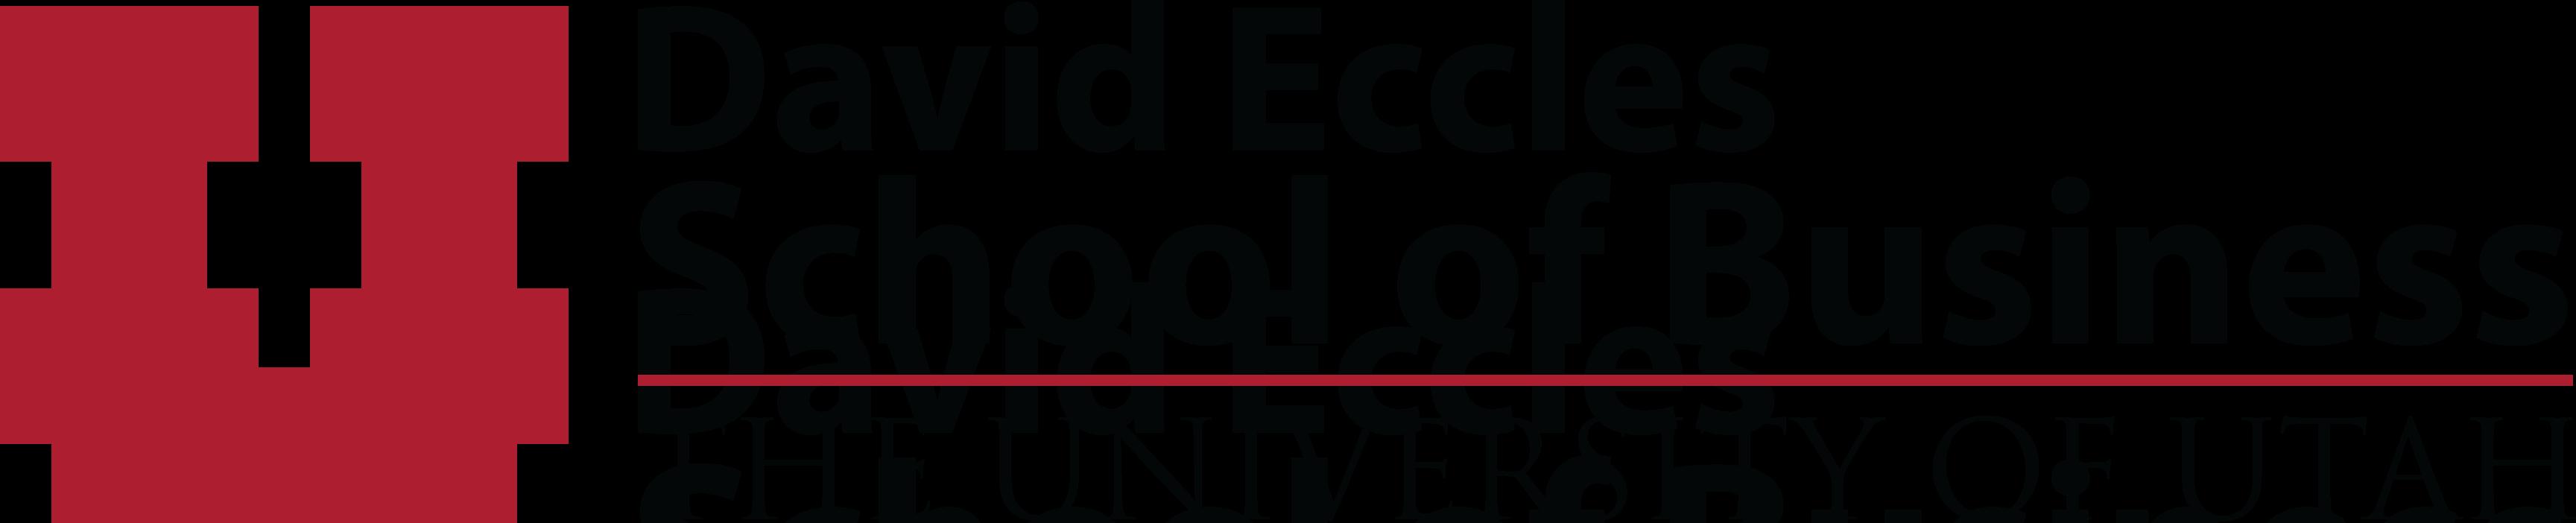 David Eccles School of Business